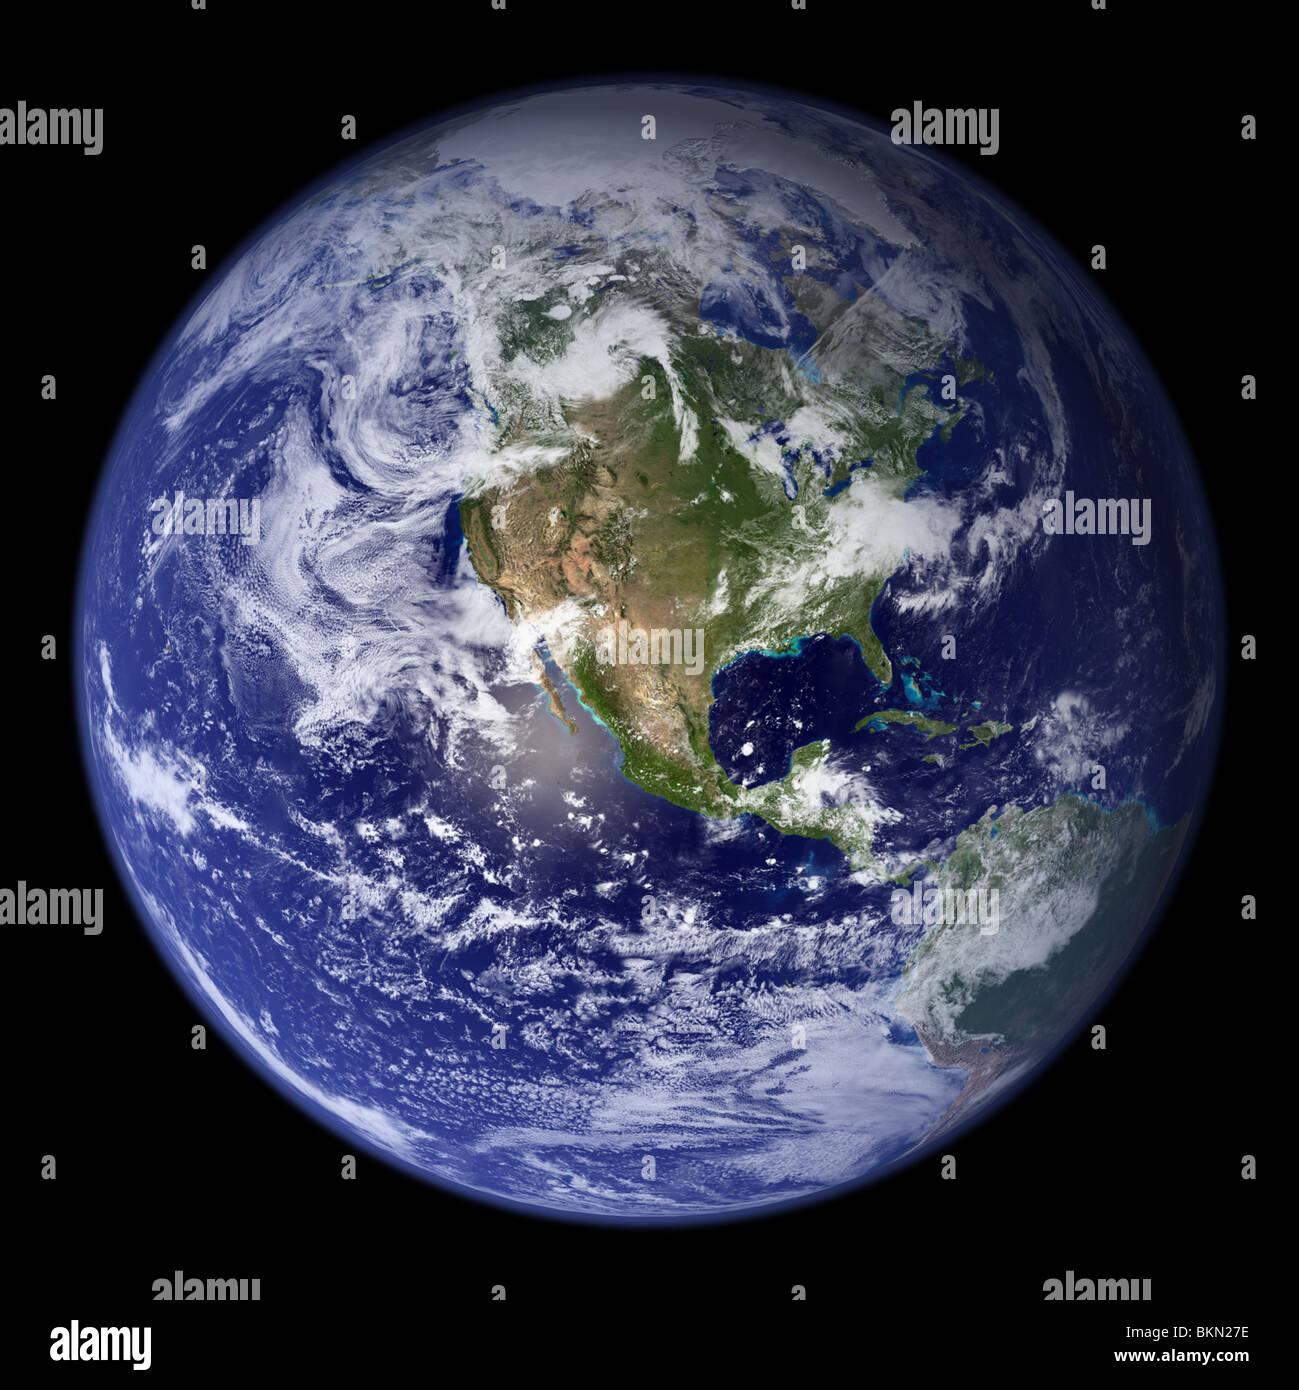 Erde aus dem Weltraum mit Nordamerika sichtbar angezeigt. Stockfoto